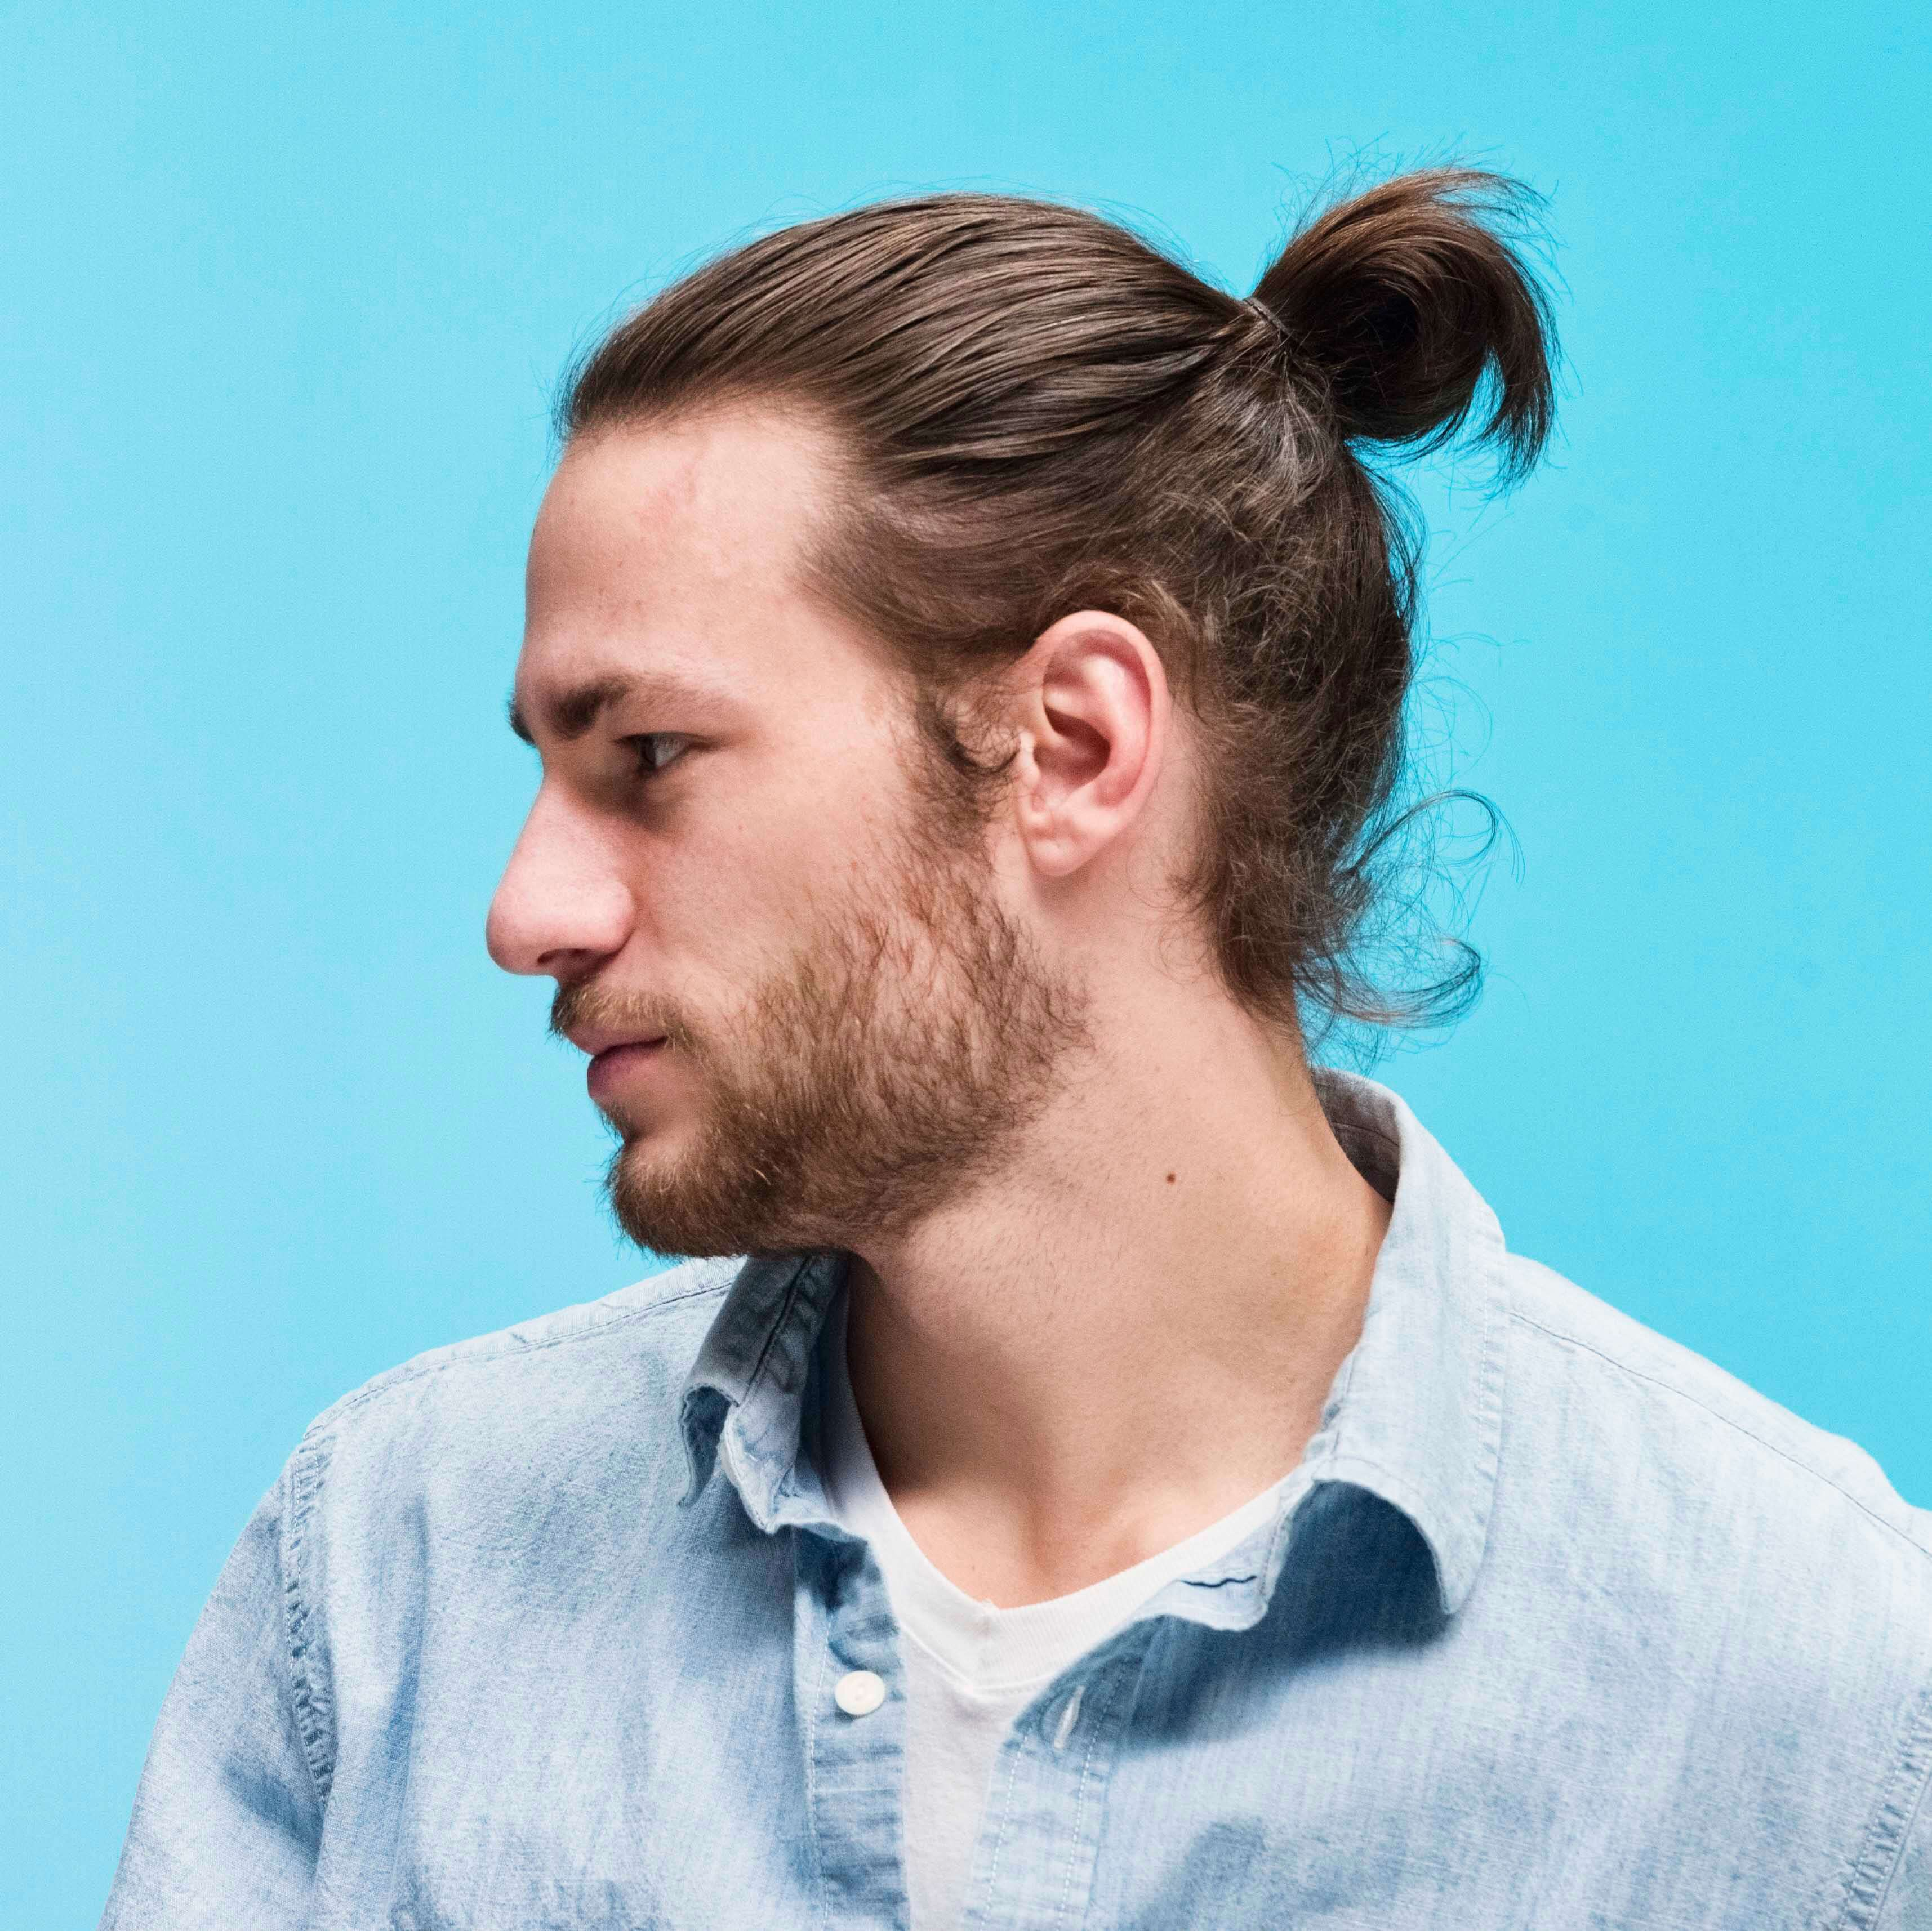 Un homme aux cheveux bruns dans un chignon